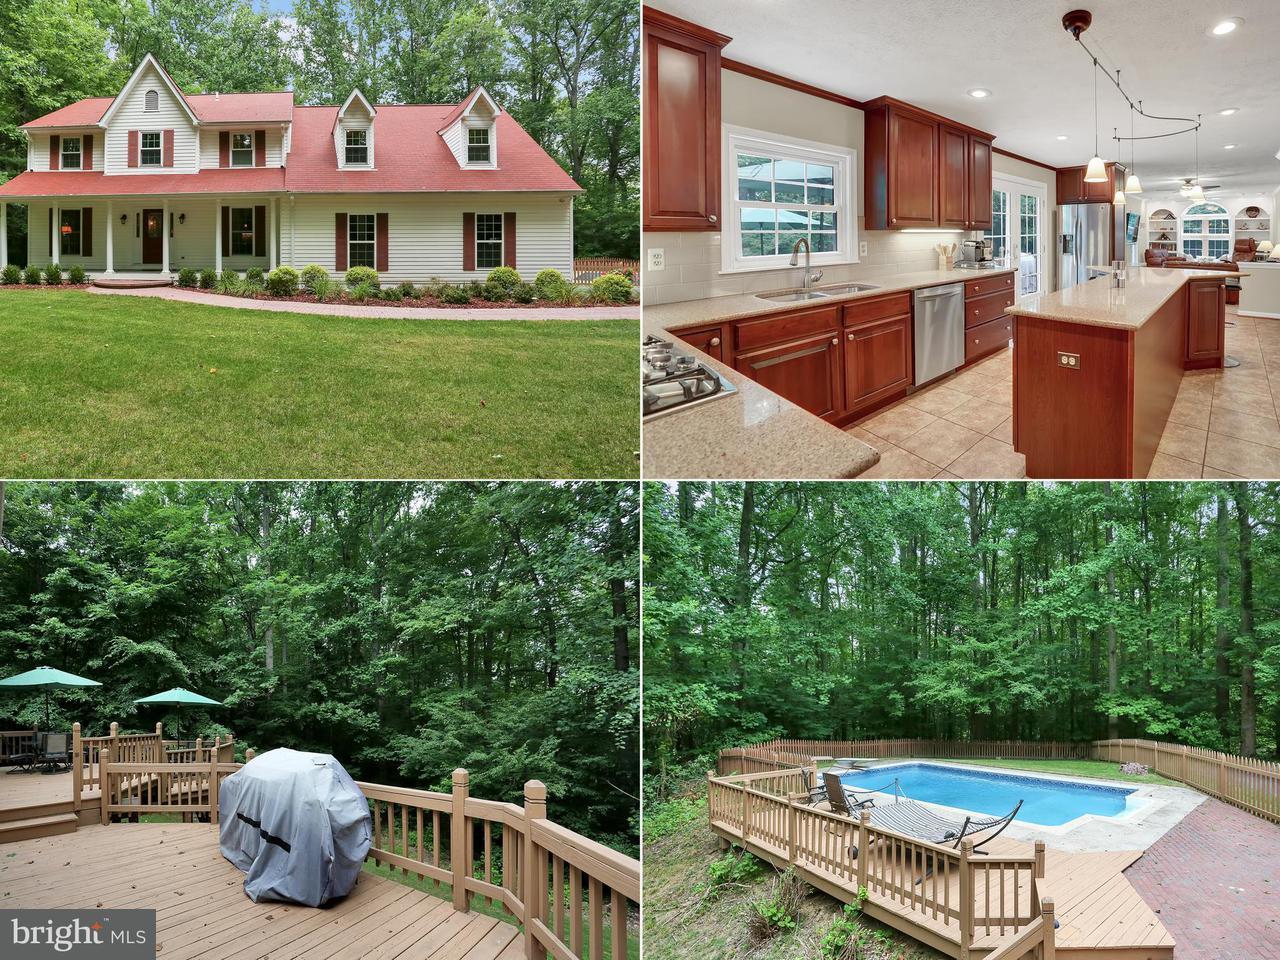 Частный односемейный дом для того Продажа на 12851 LONG GUN Drive 12851 LONG GUN Drive Dunkirk, Мэриленд 20754 Соединенные Штаты